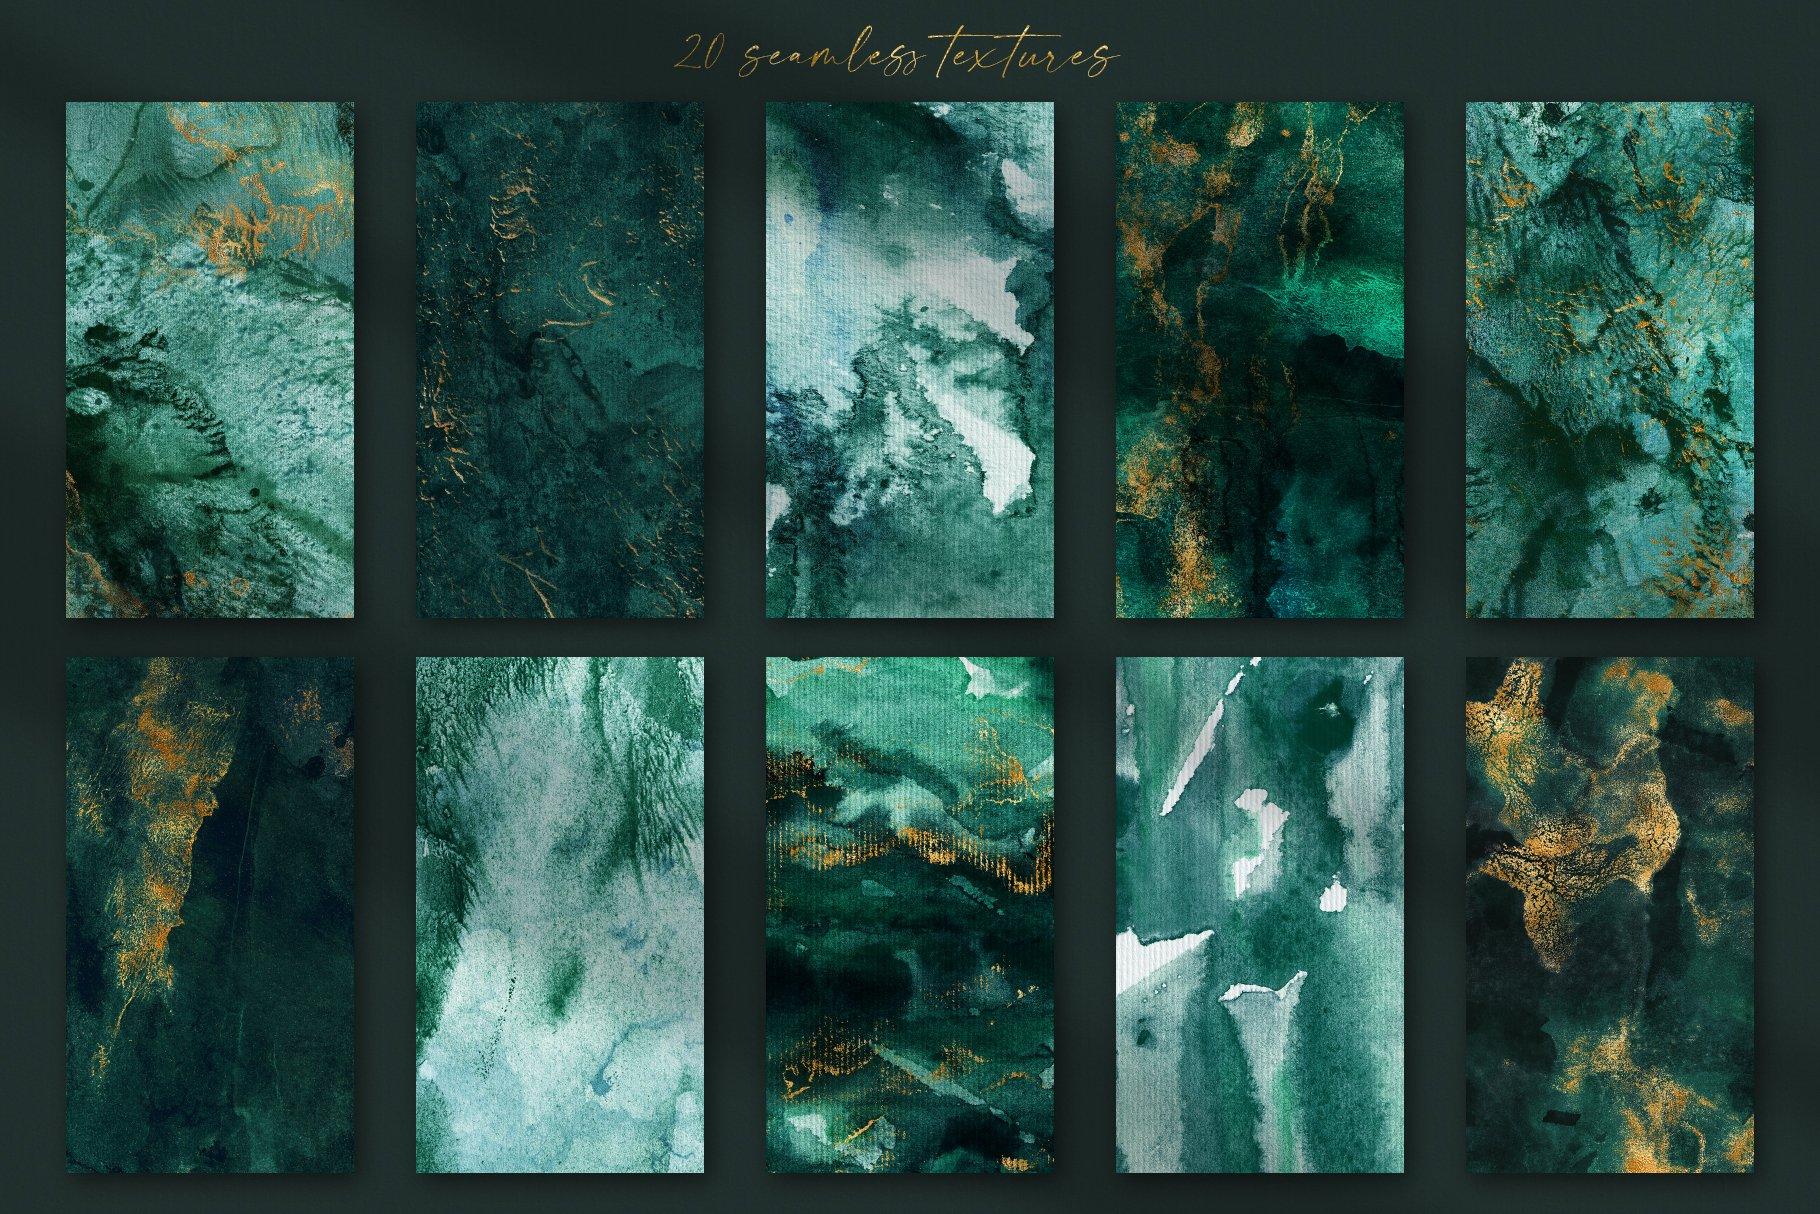 30款奢华翡翠墨绿流金水彩抽象艺术装饰背景底纹图片素材 Seamless Watercolor Backgrounds插图3